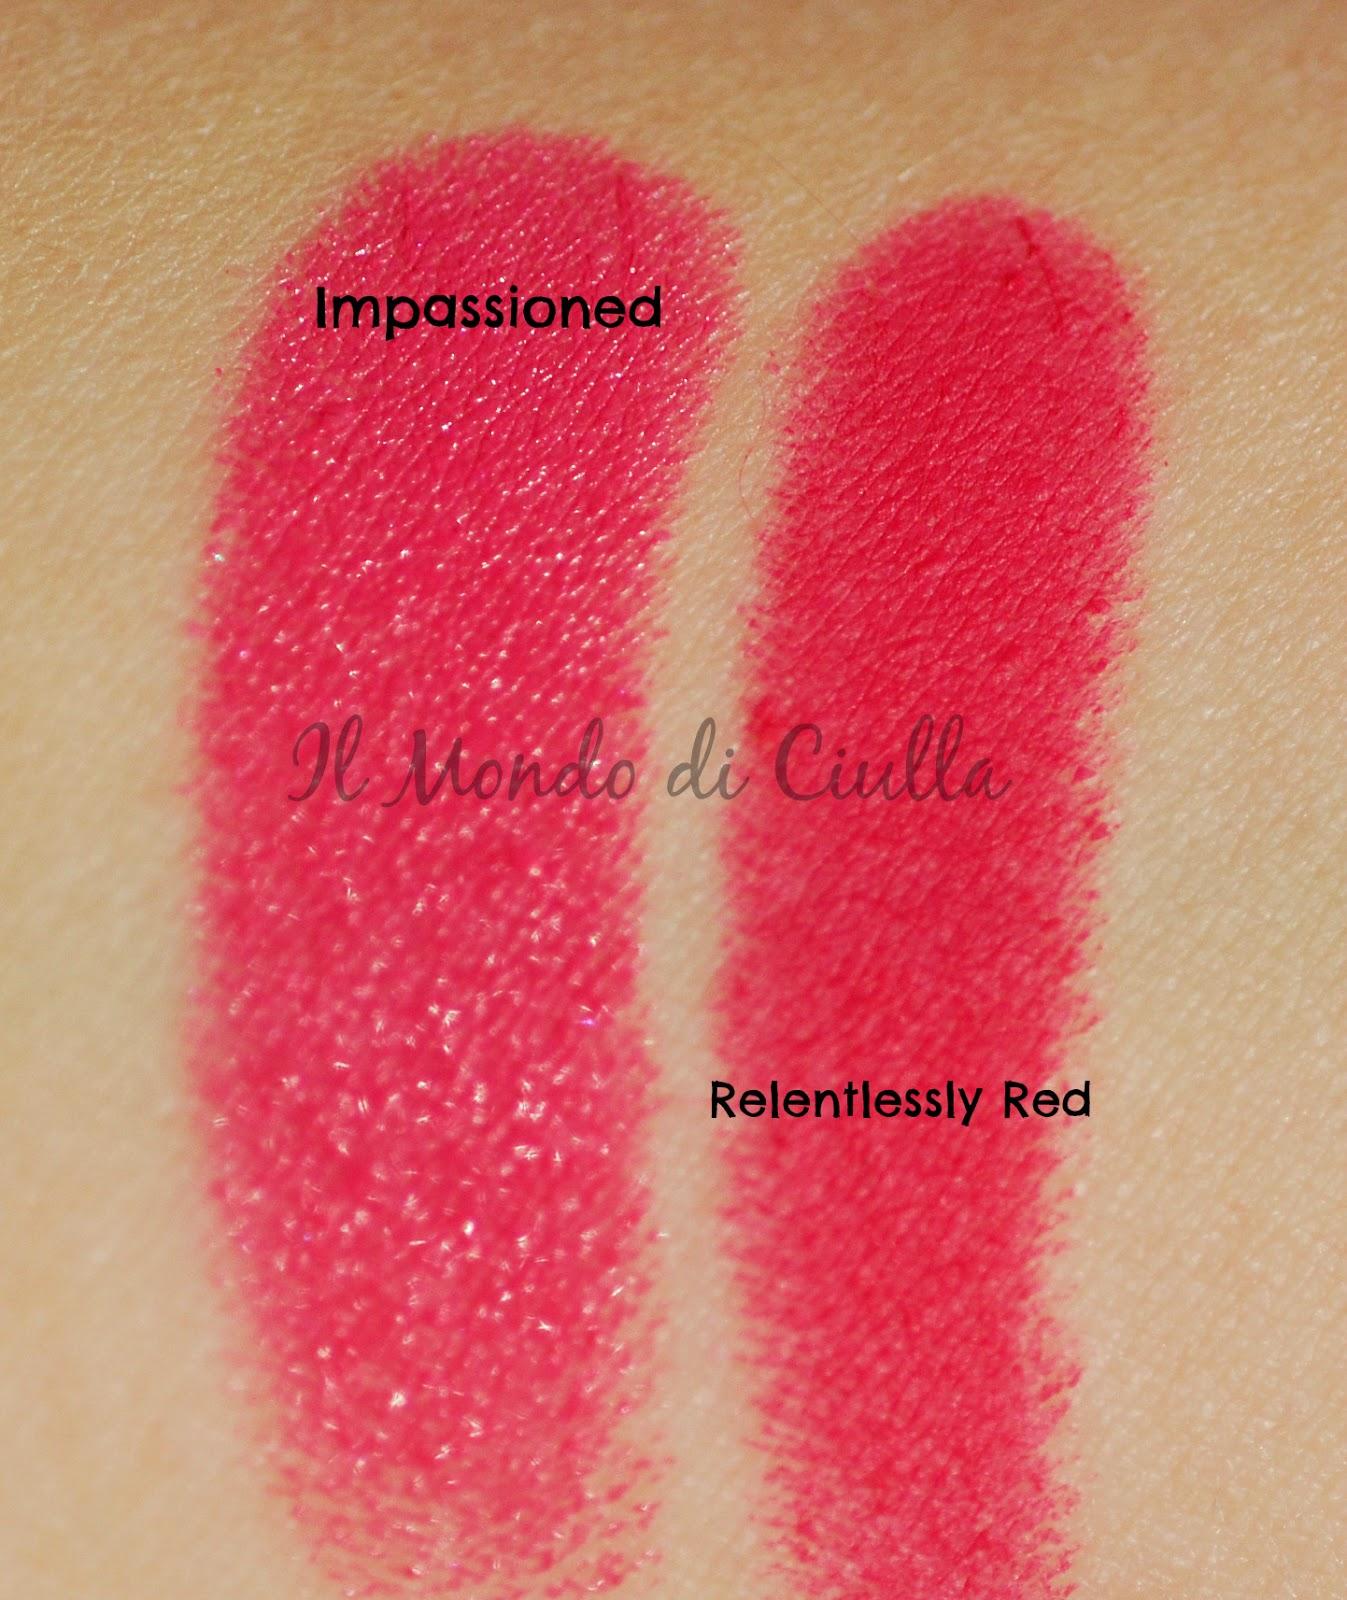 spesso Impassioned VS Relentlessly Red by MAC: rossetti a confronto! ~ Il  OC77